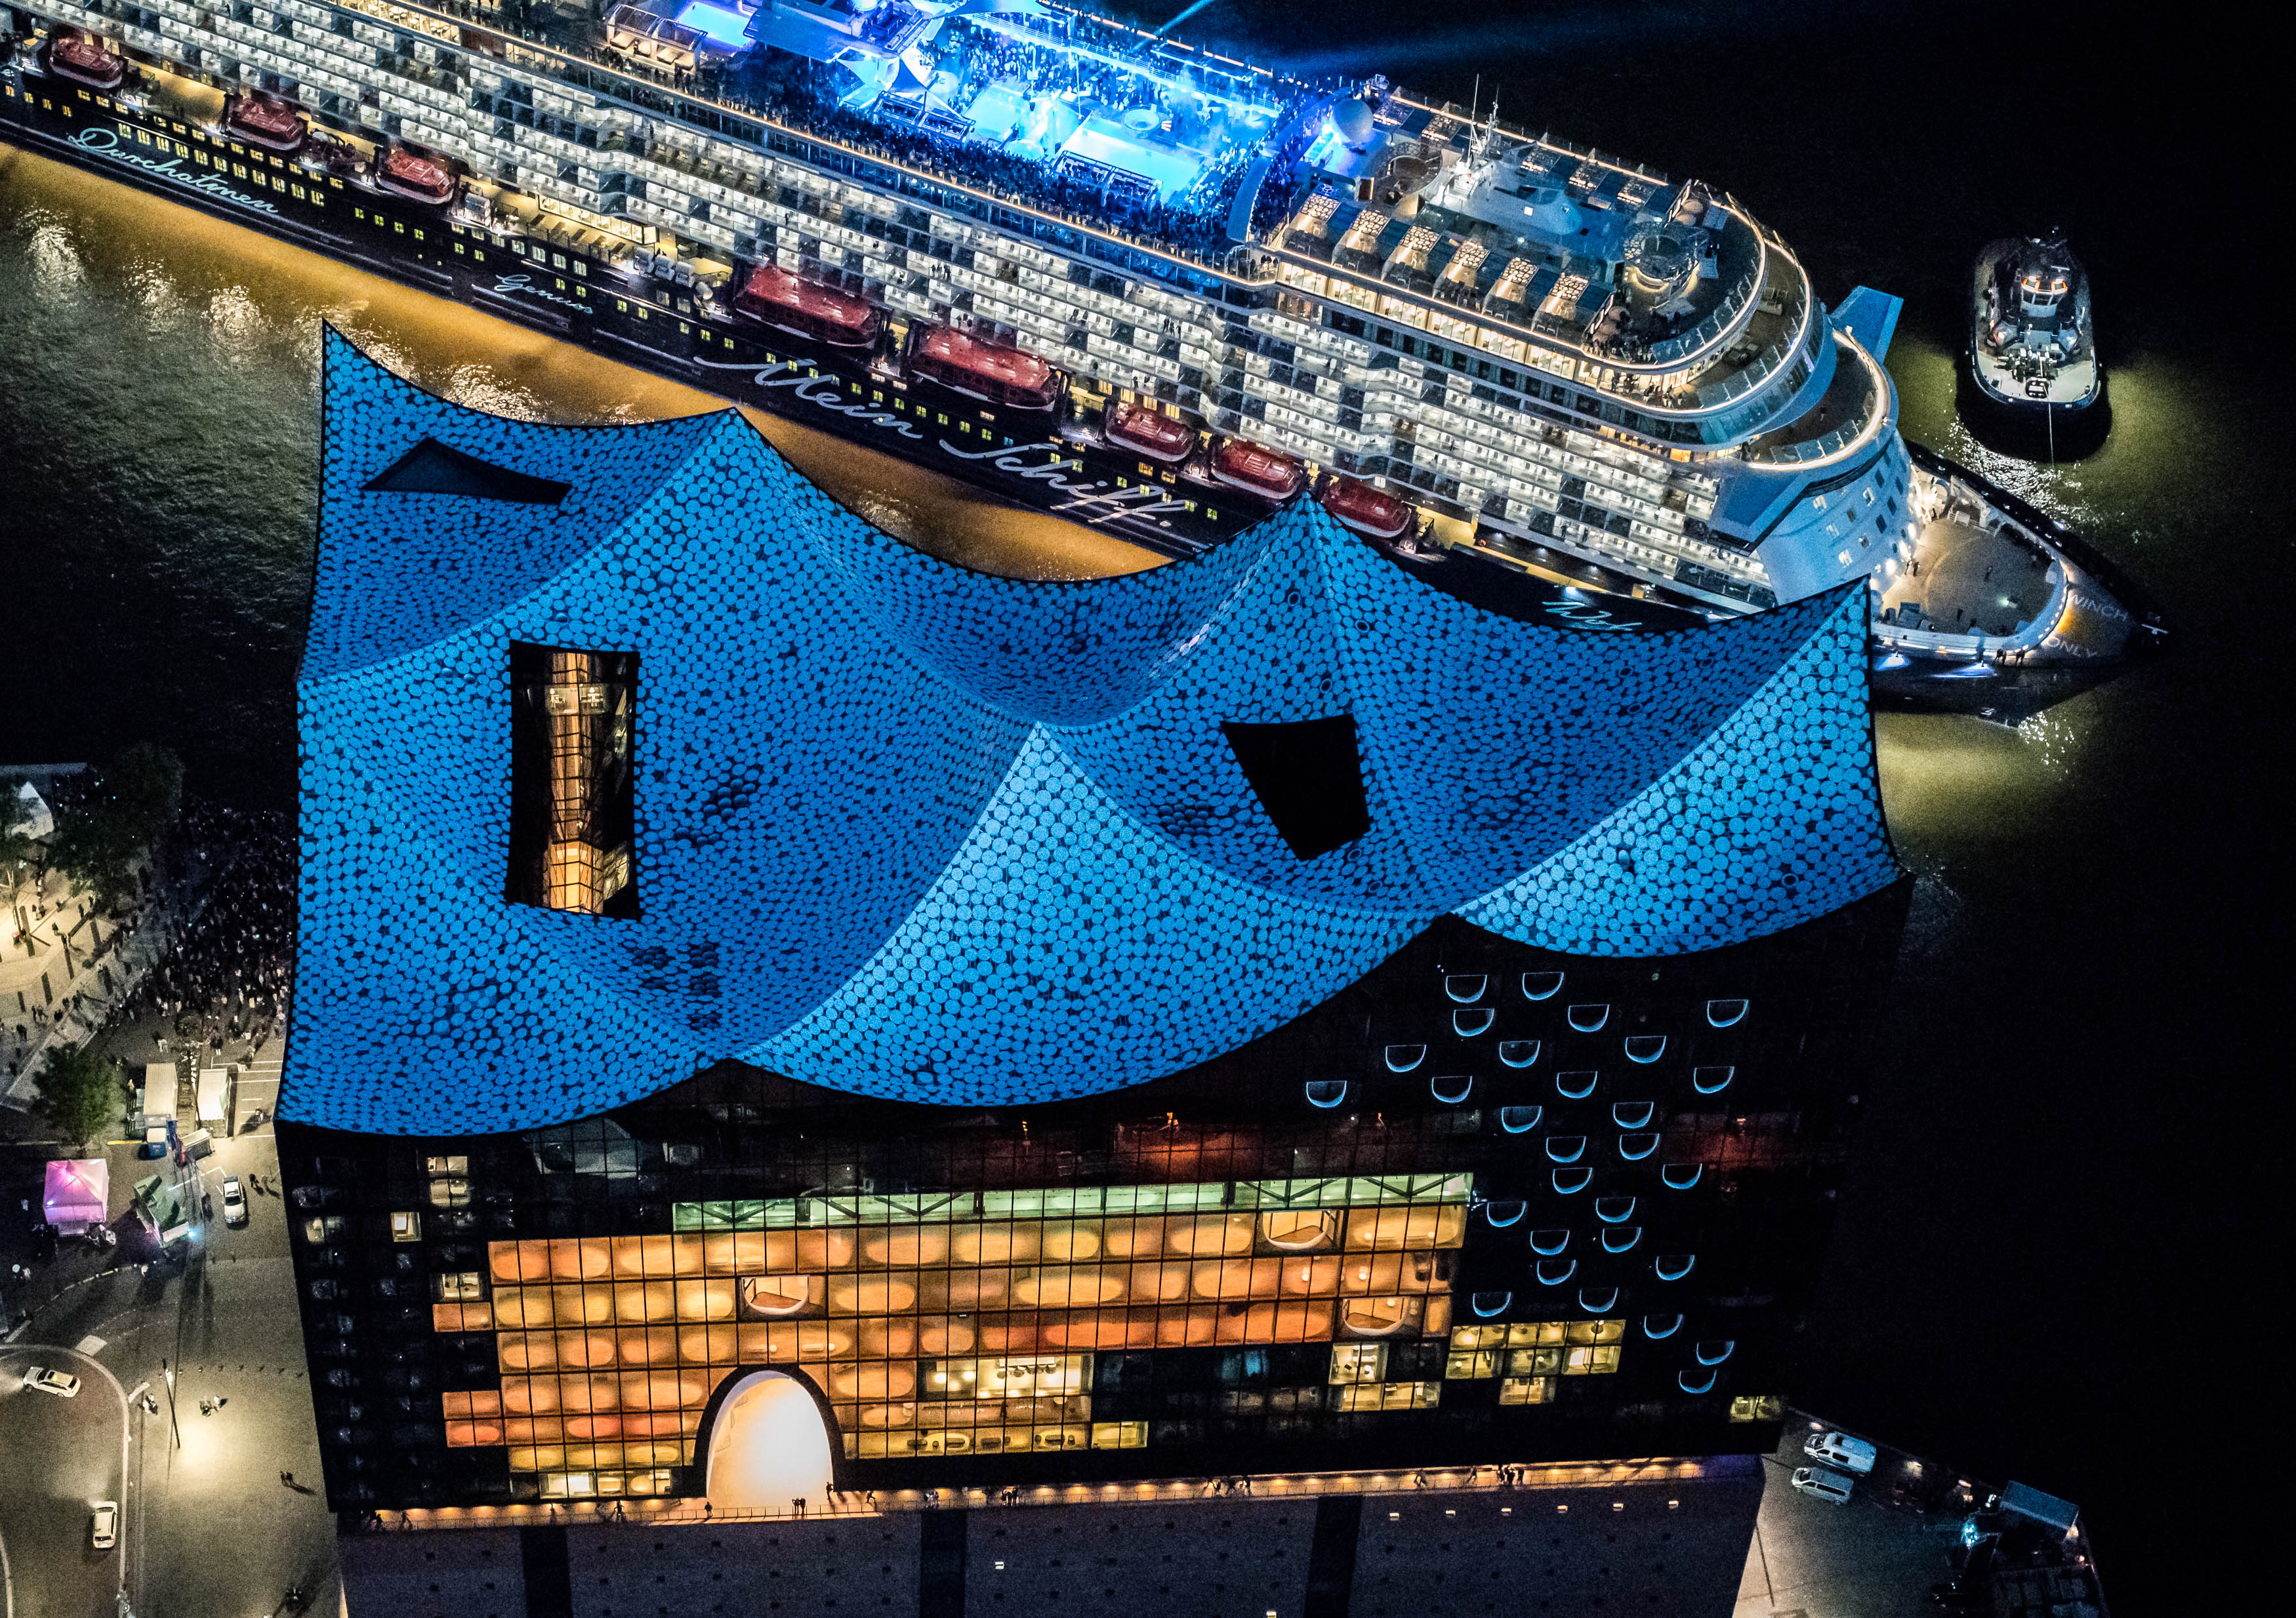 Mein Schiff 6 meets Elbphilharmonie Foto: Andreas Vallbracht